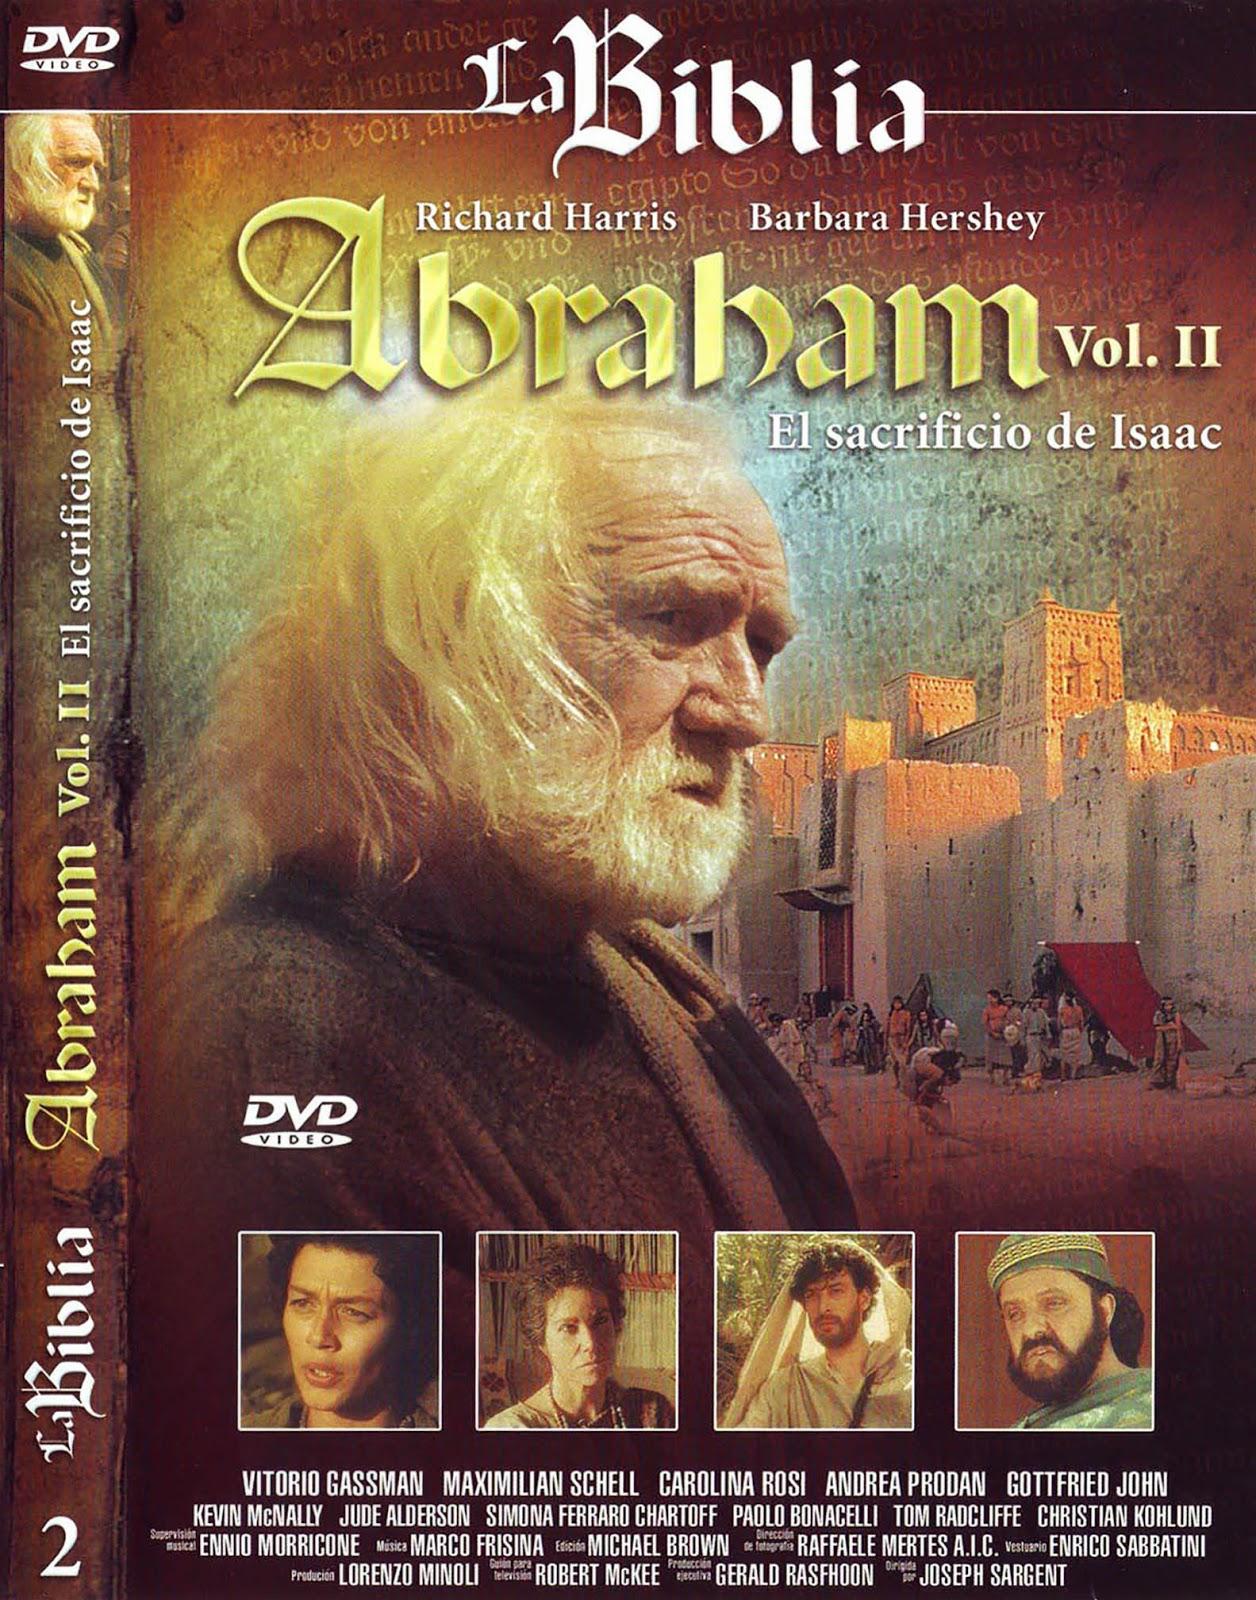 LA Biblia- Abraham el sacrificio de isaac (1994)